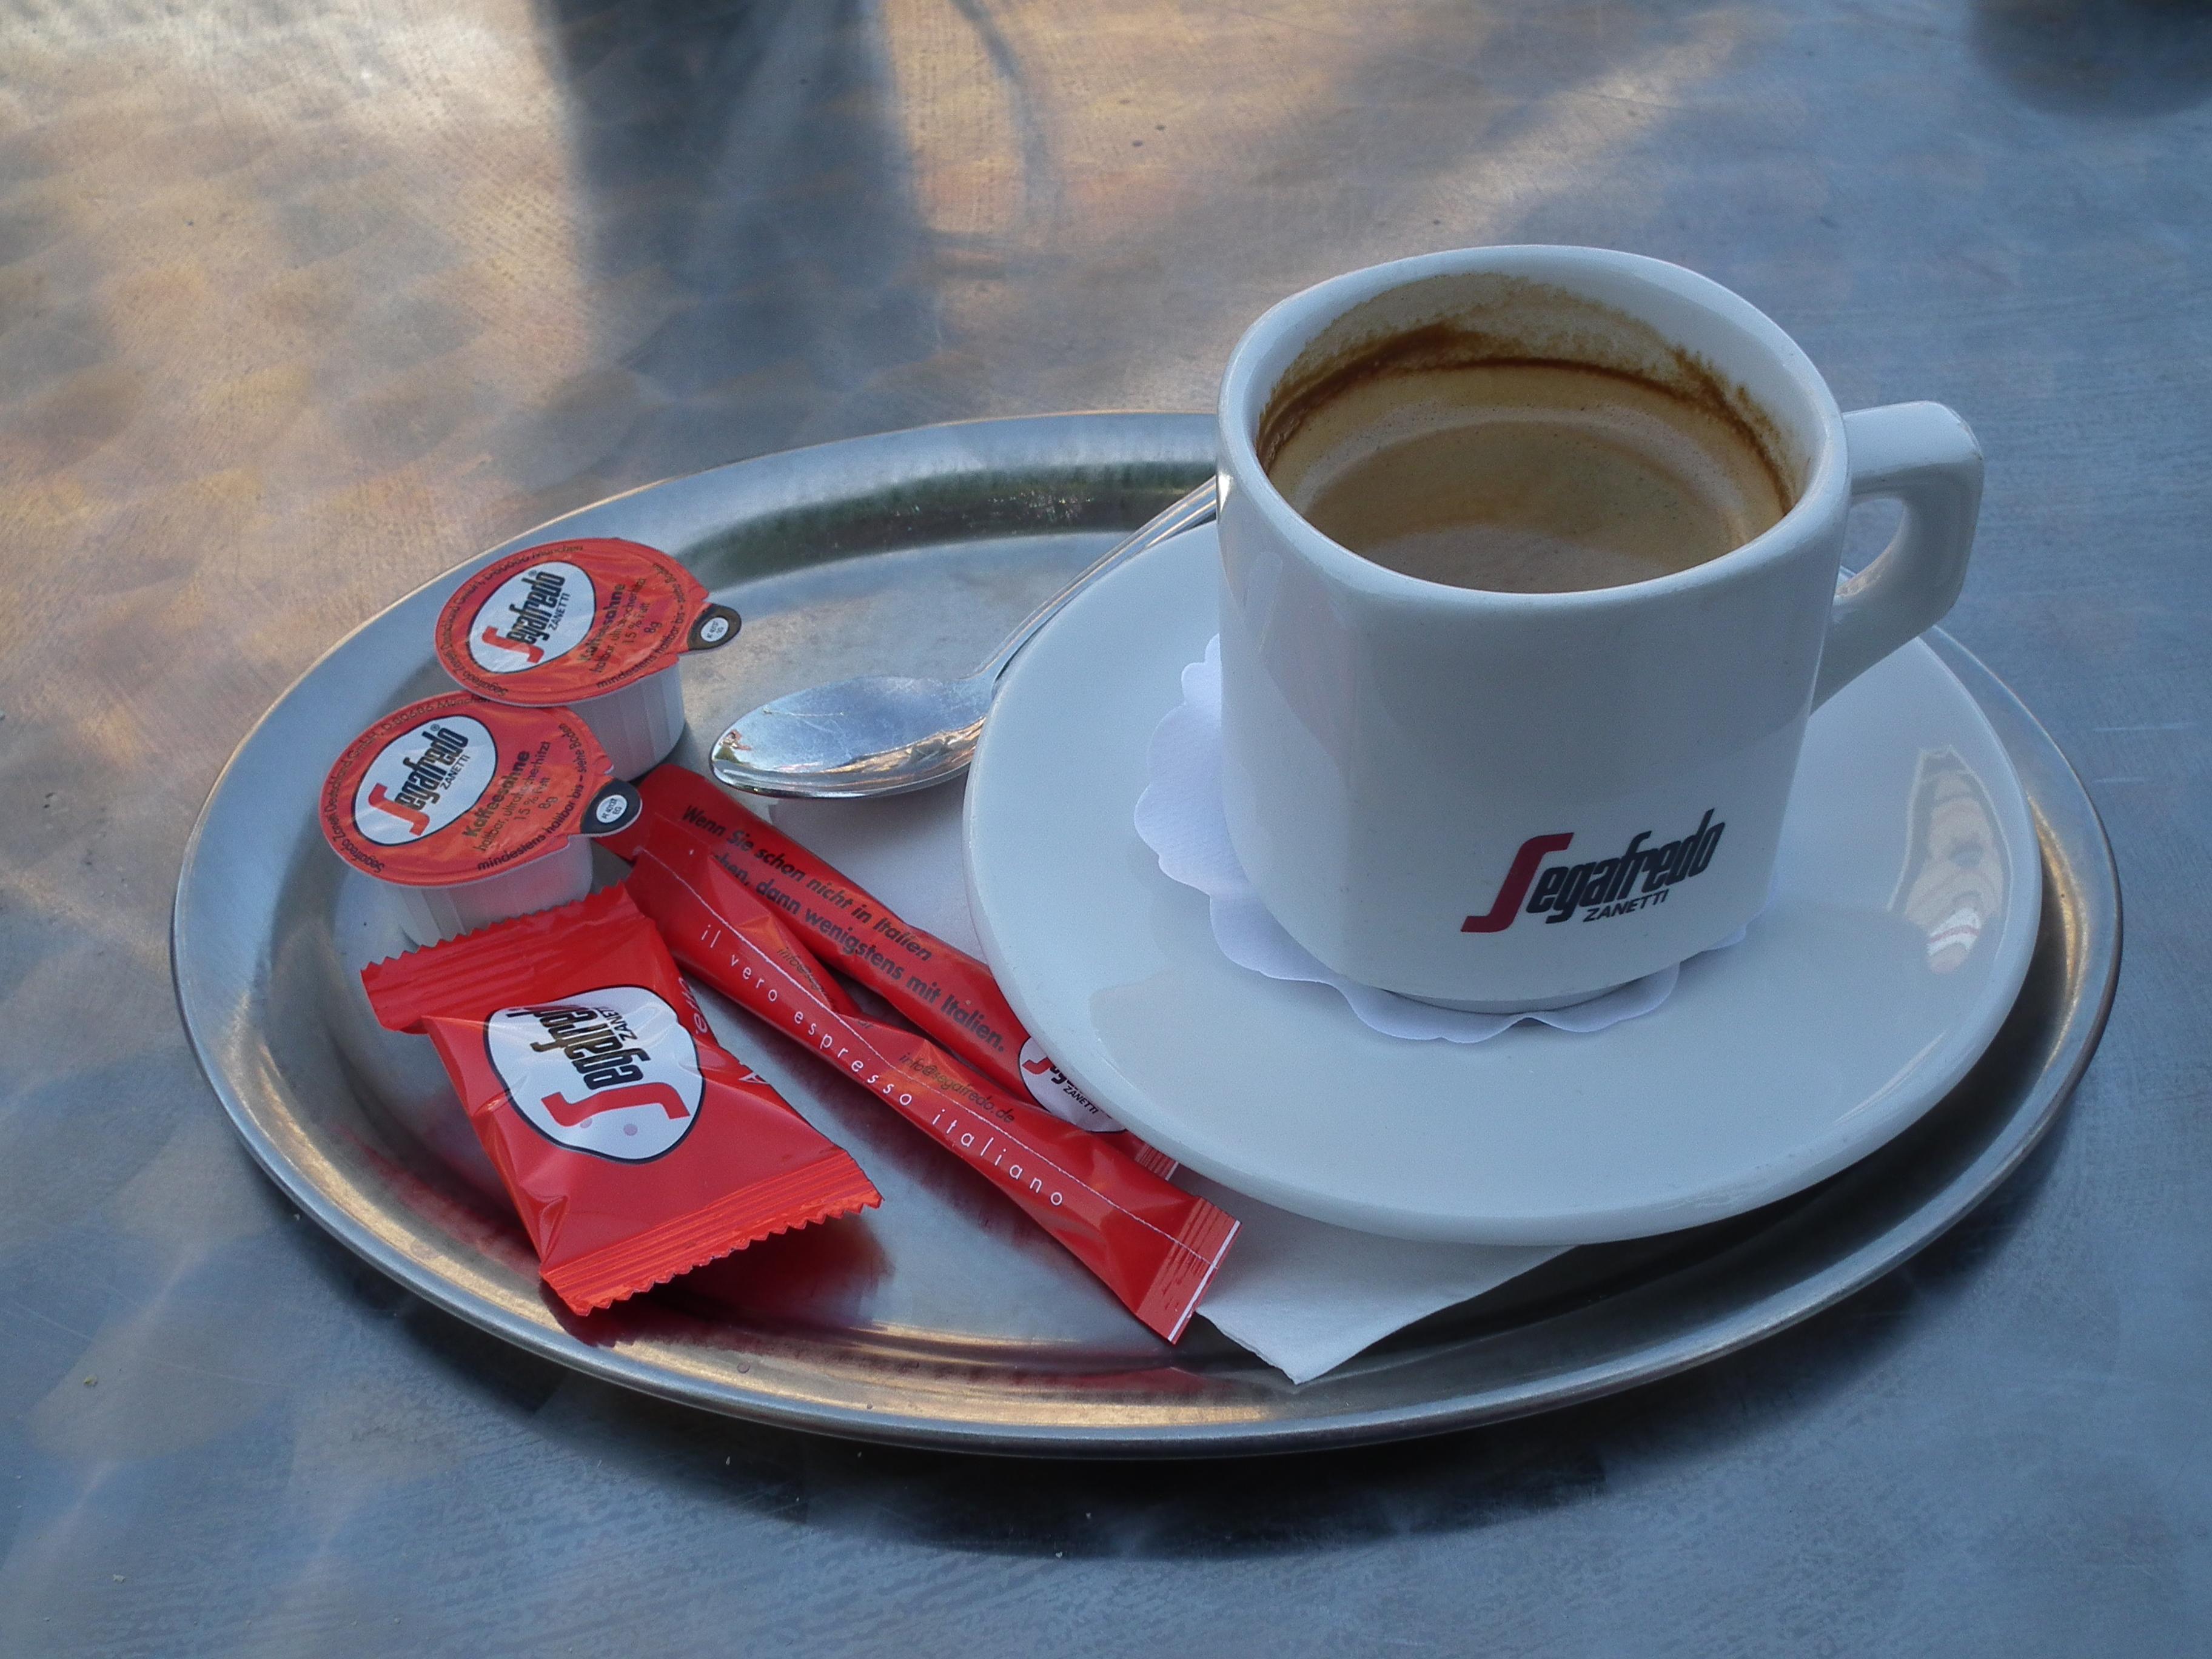 File:Segafredo Tasse Kaffee mit Milch und Zucker.JPG - Wikimedia Commons